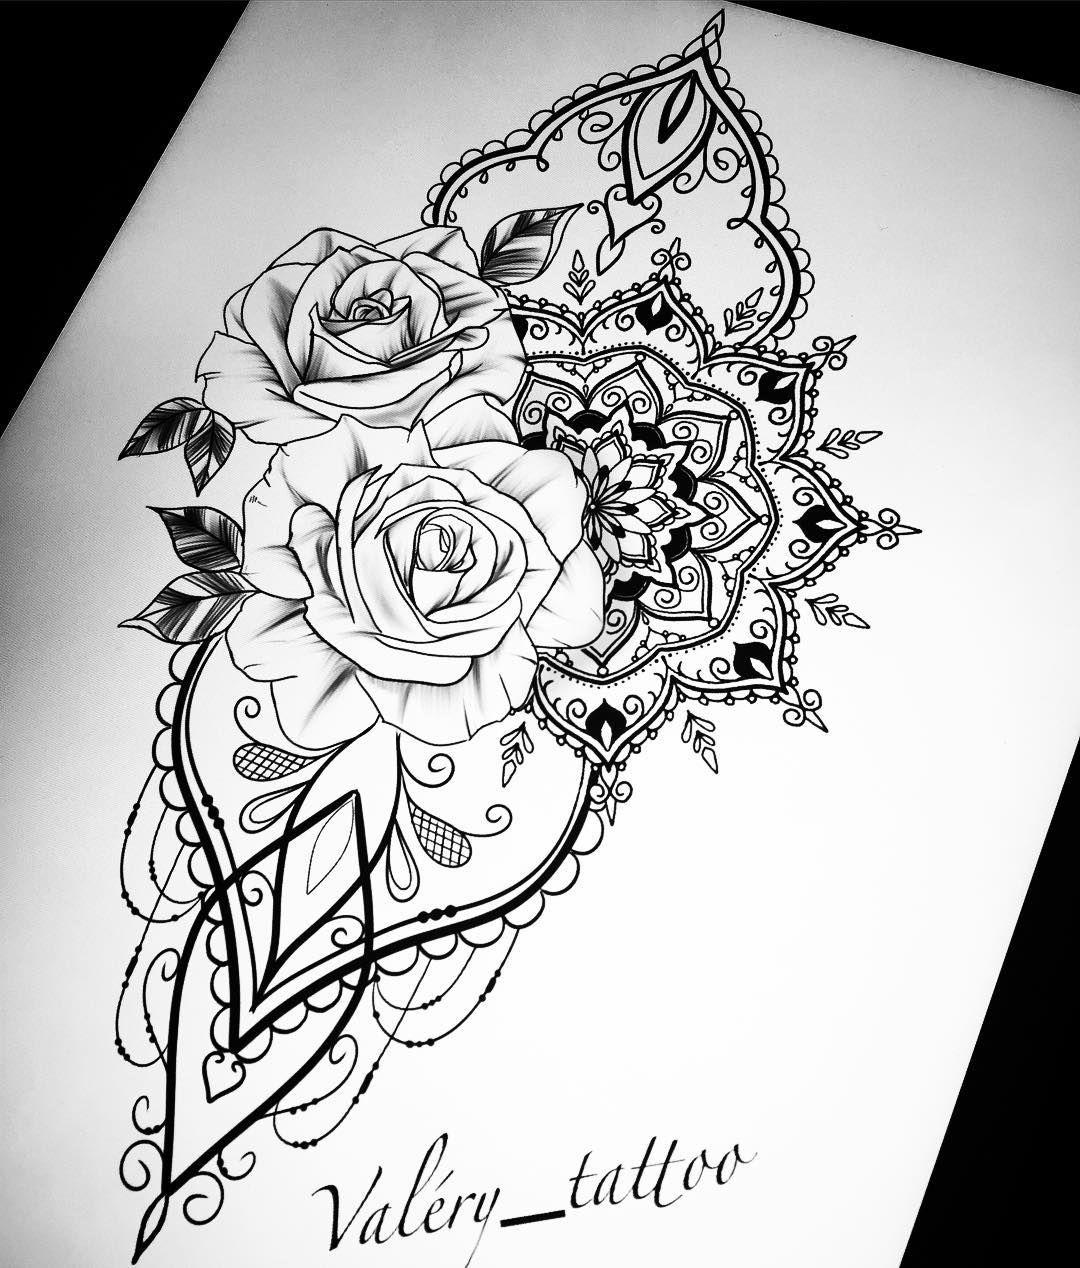 Modeltattoo Tattoomodel Tattoos Mandala Mandalatattoo